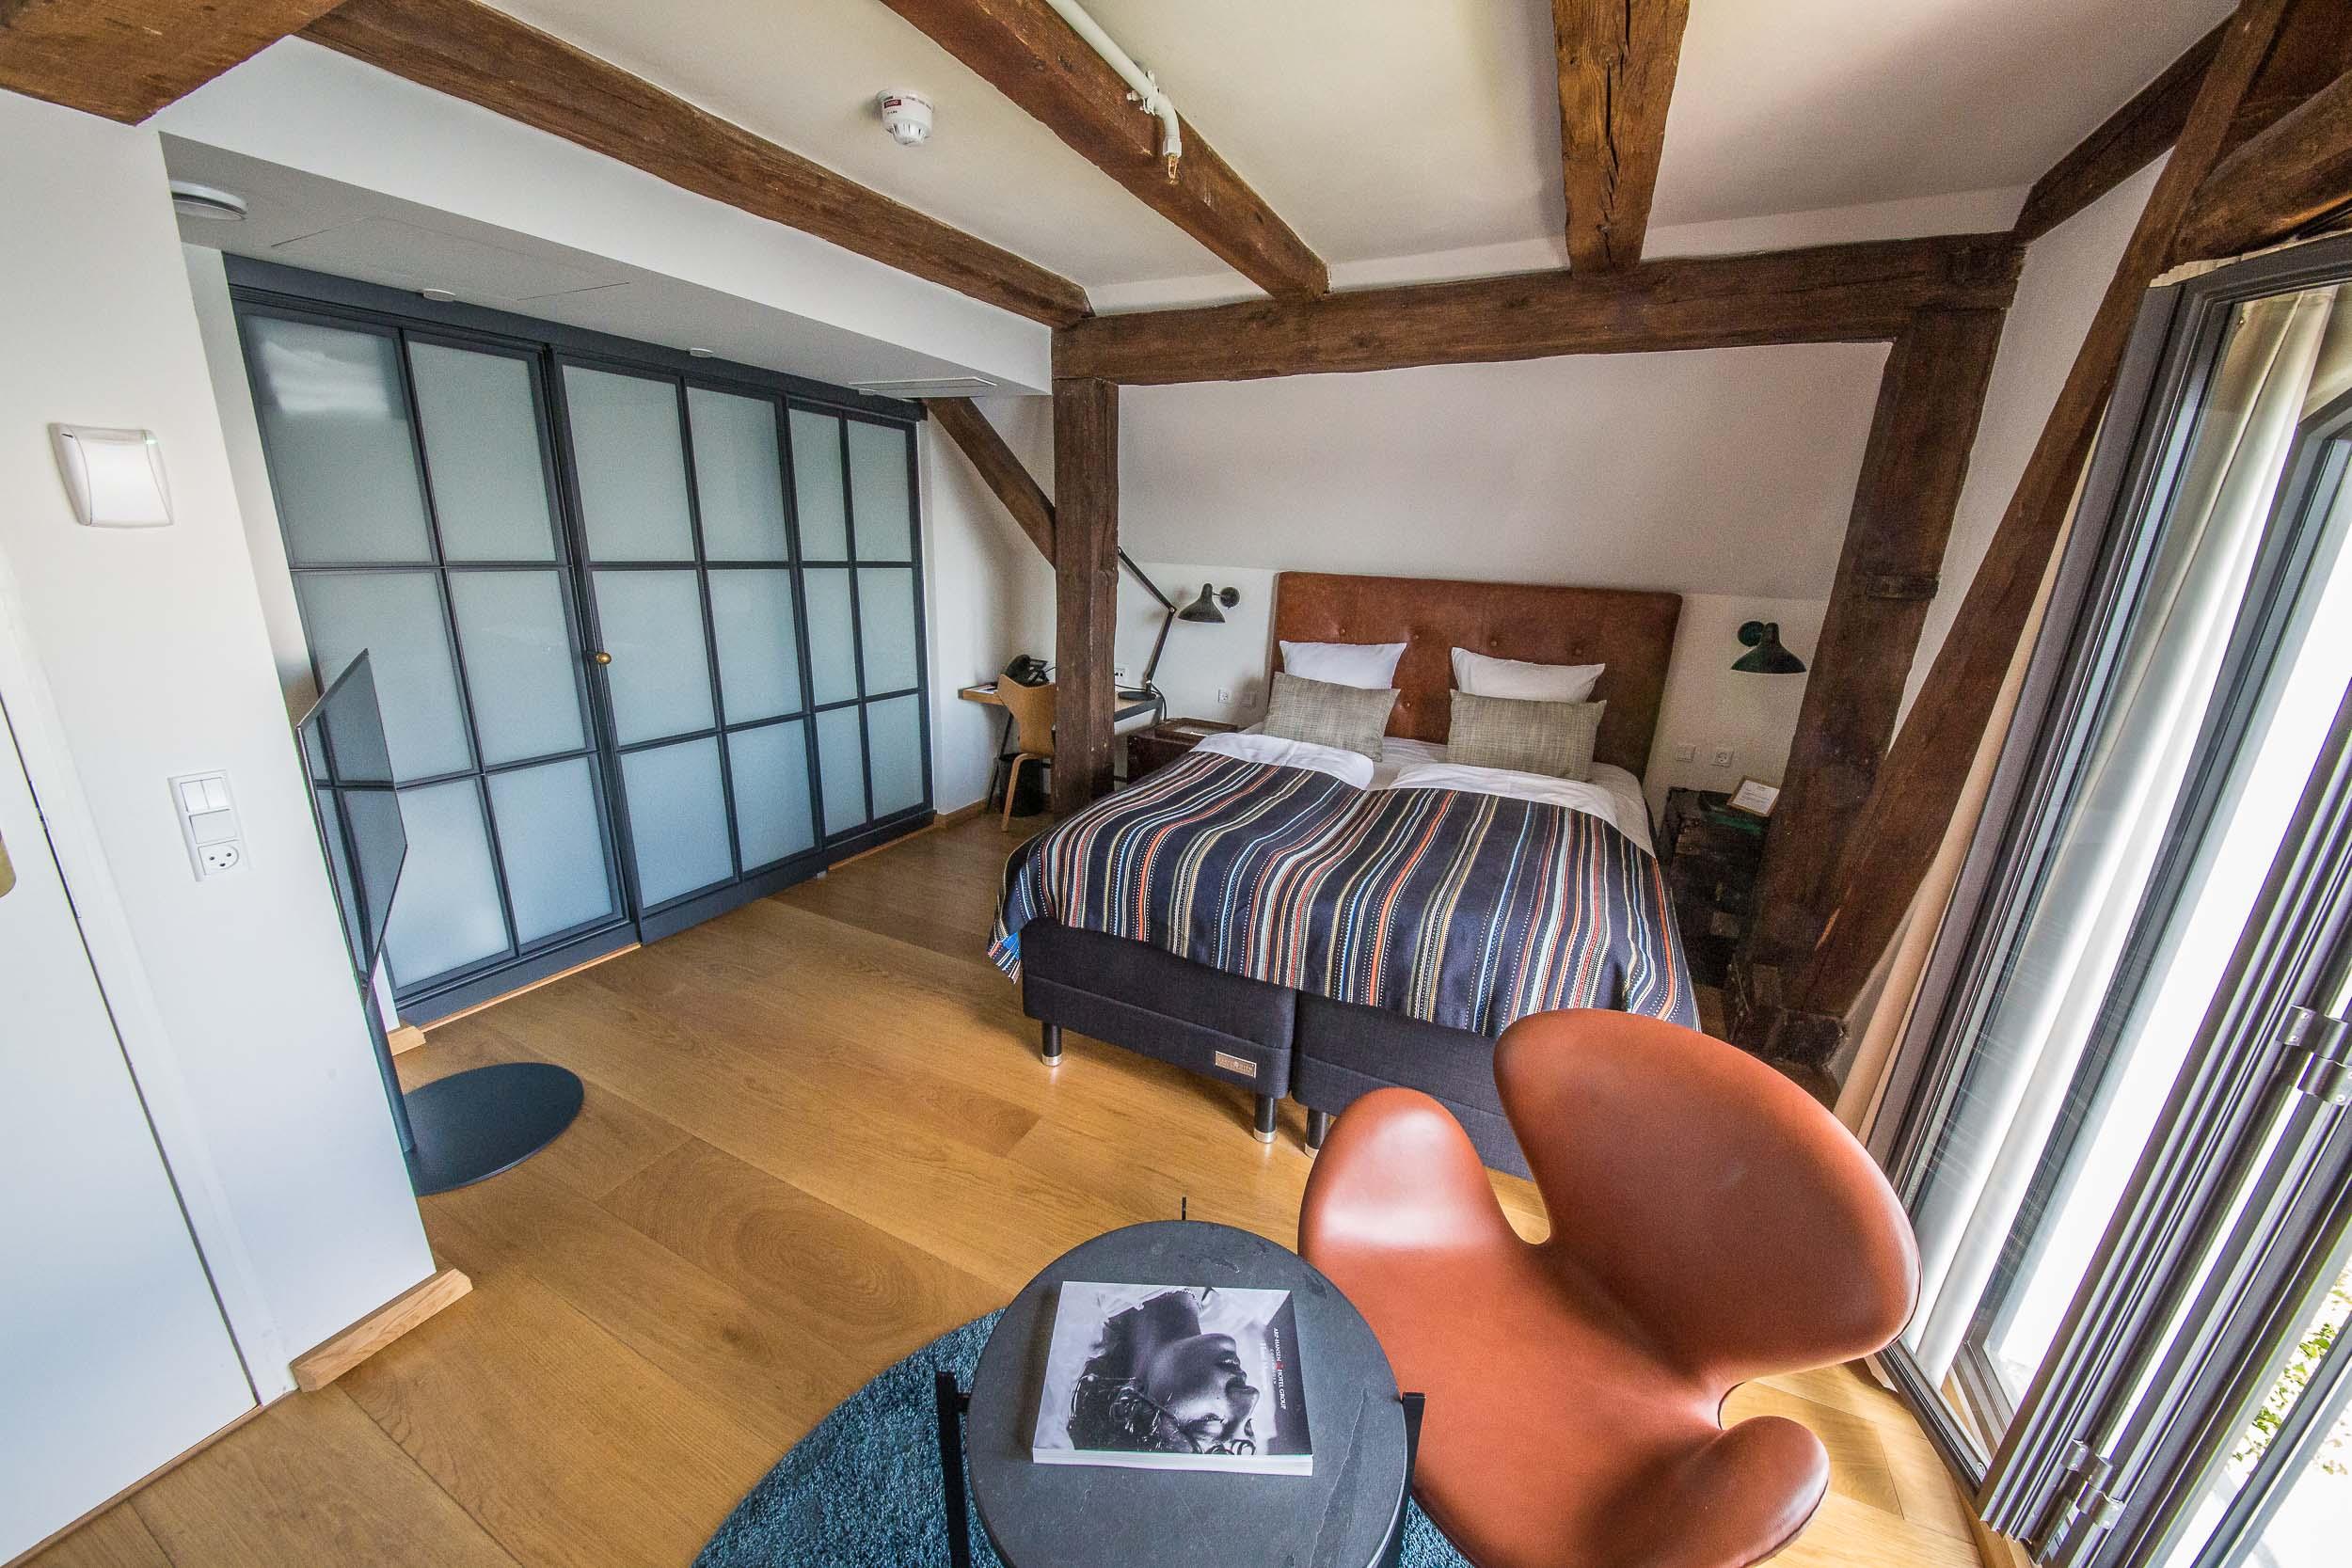 Executive Double Delux View Room, Hotel 71 Nyhavn, Copenhagen-5.jpg